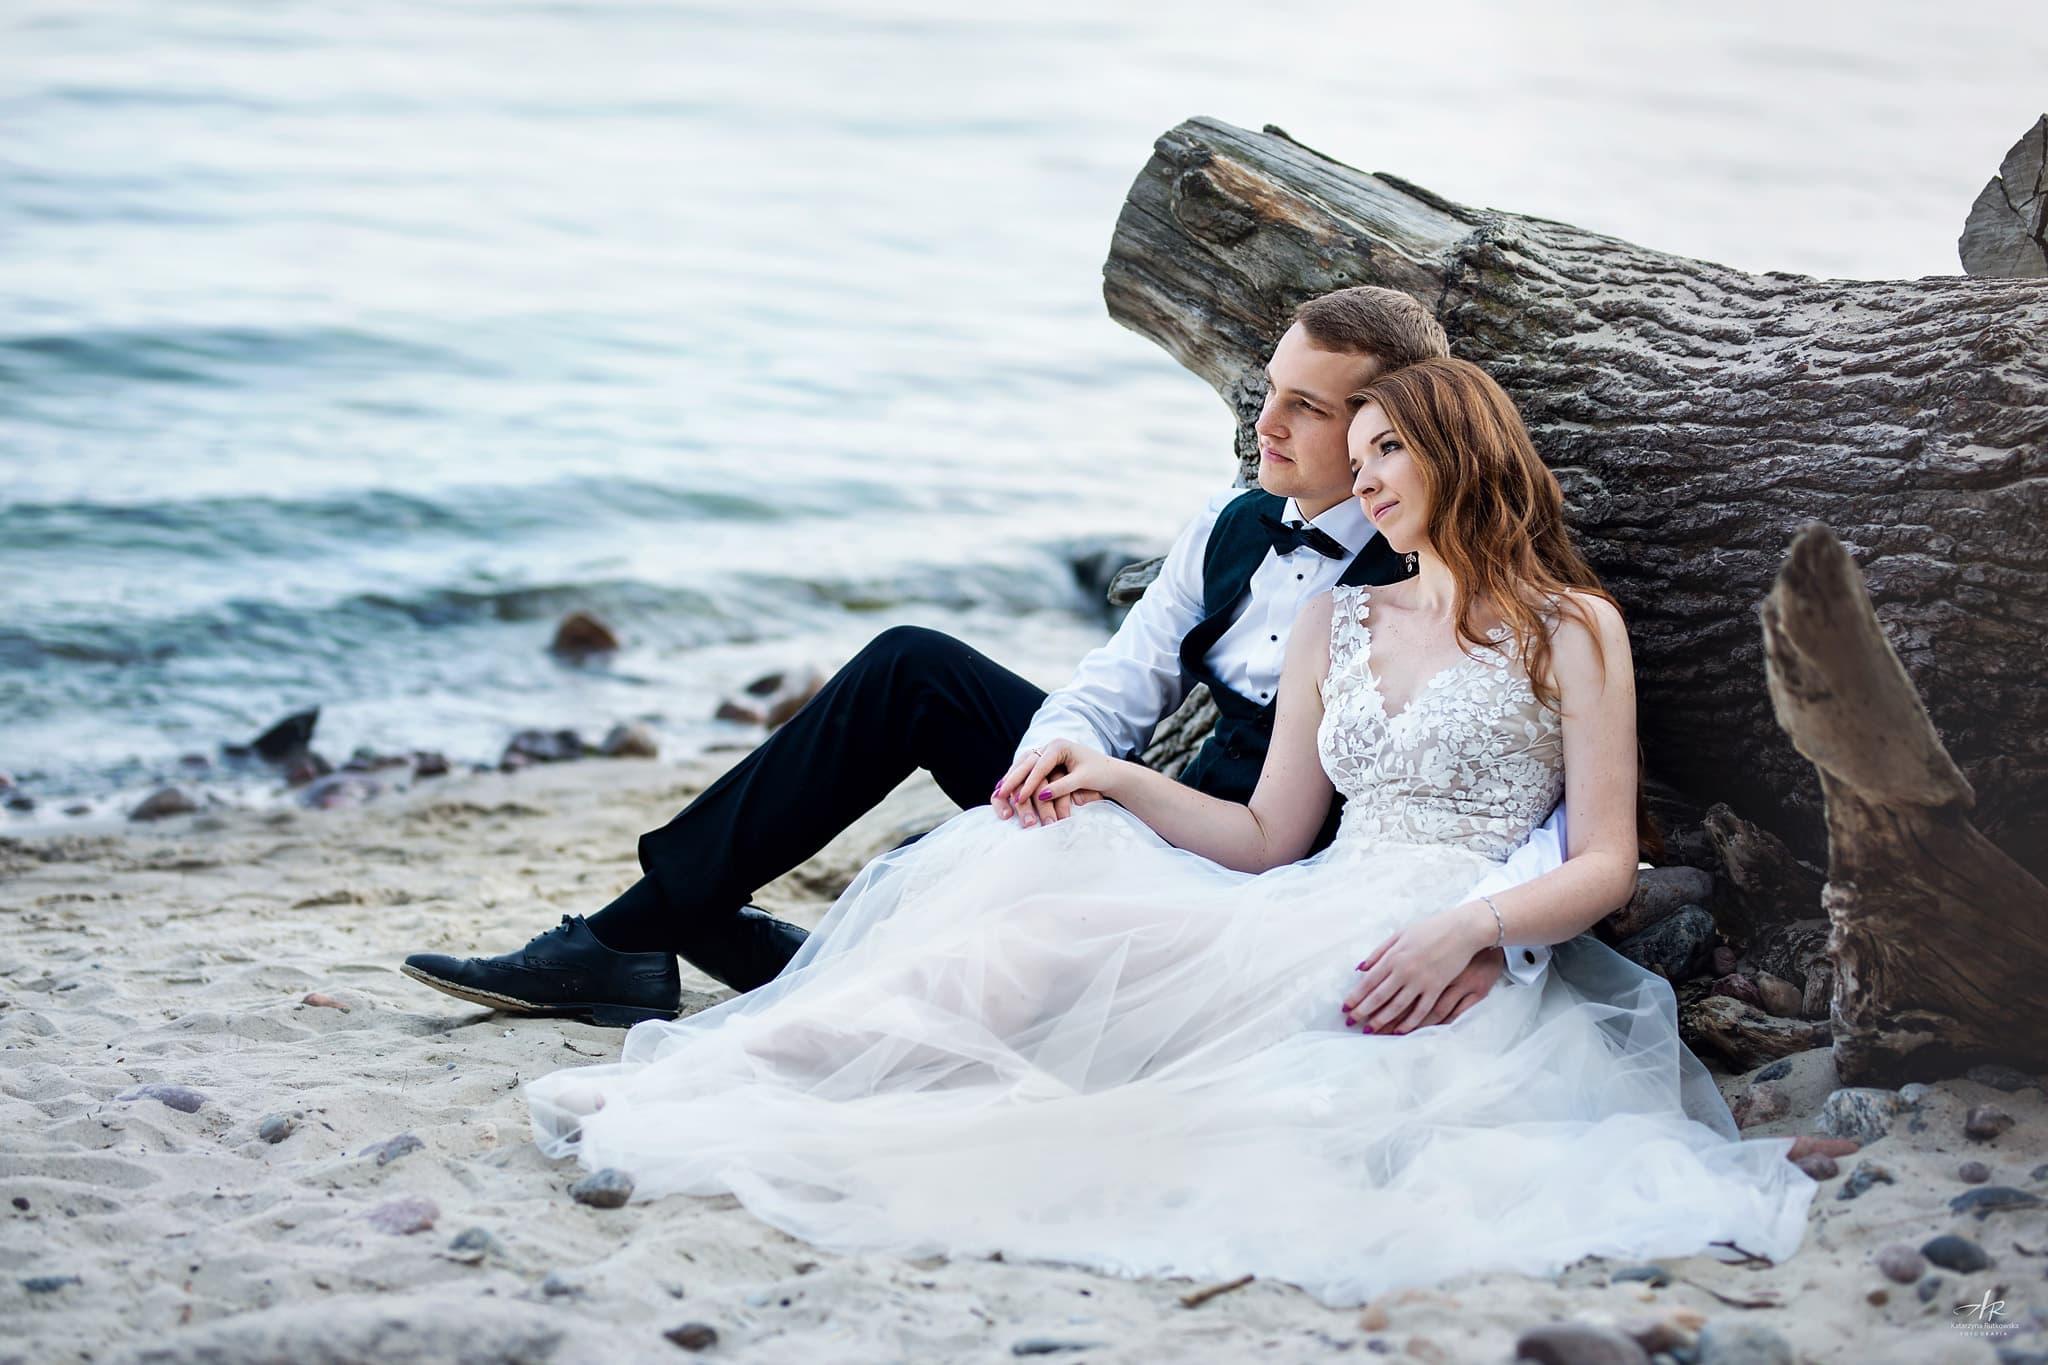 Sesja ślubna - Zdjęcia na morzem